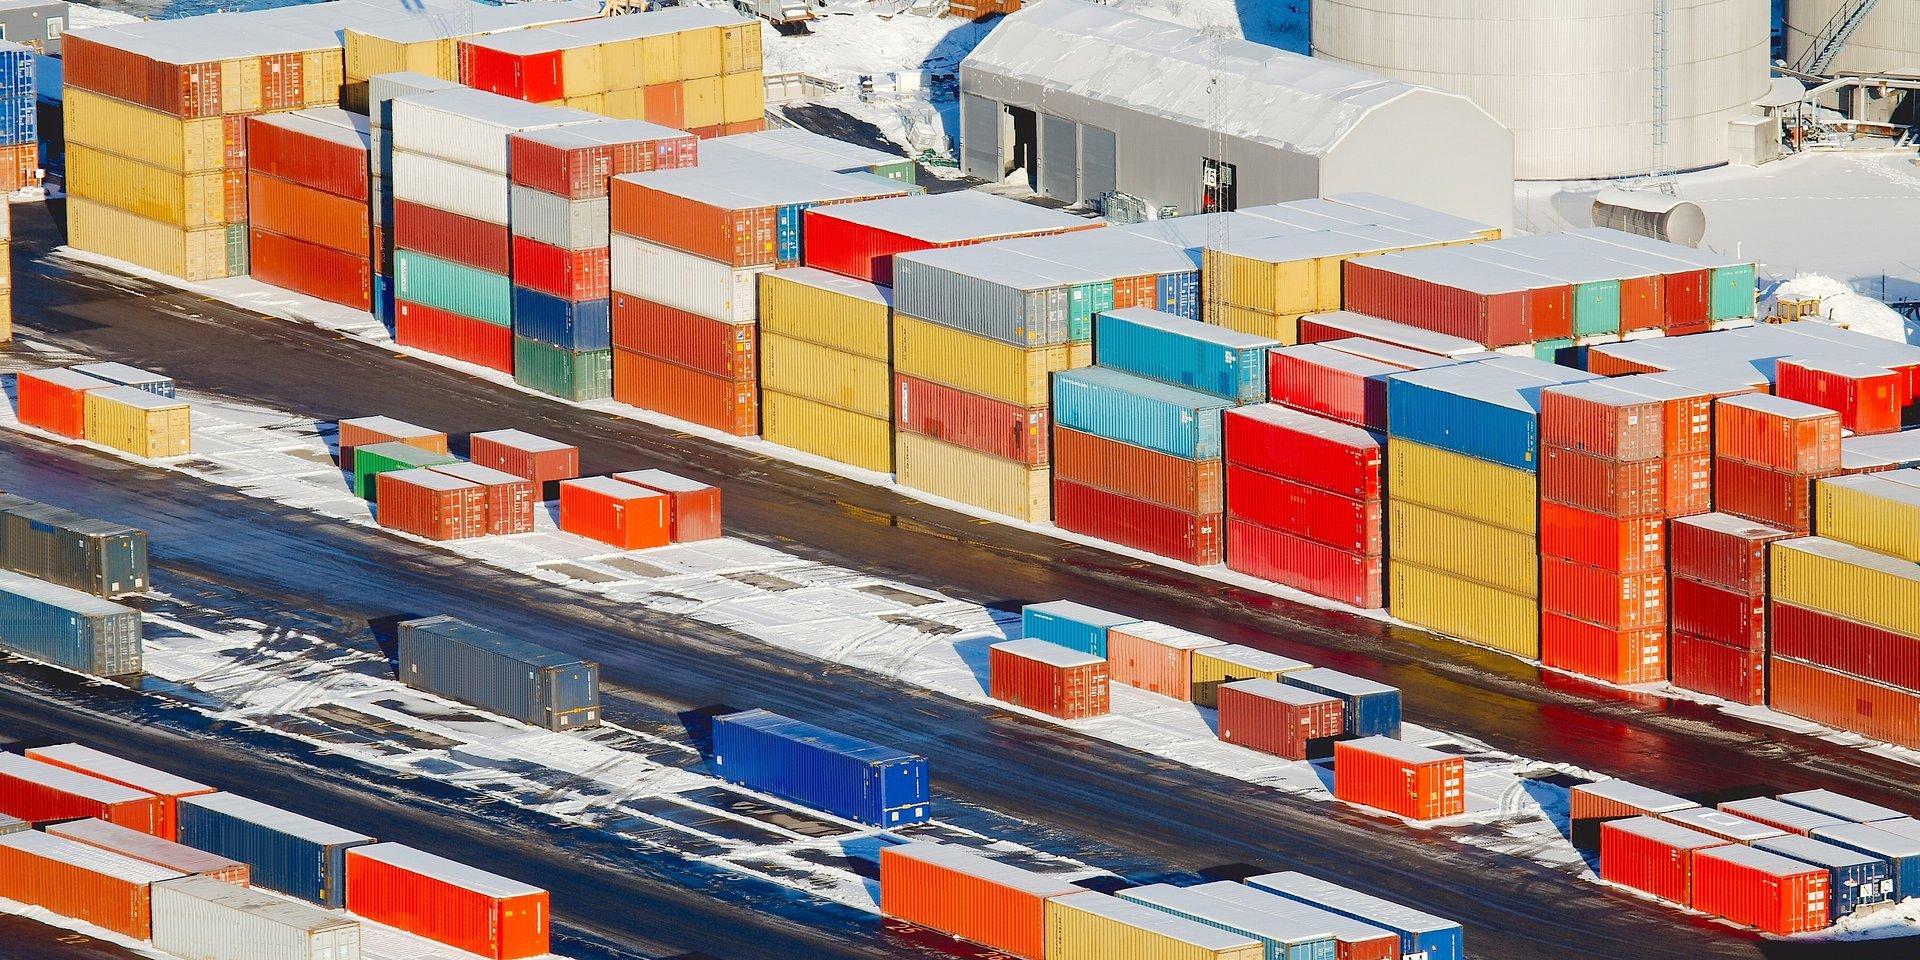 Firmy logistyczne z jeszcze wyższym optymizmem niż rok temu. Produkcja i handel są ostrożniejsze